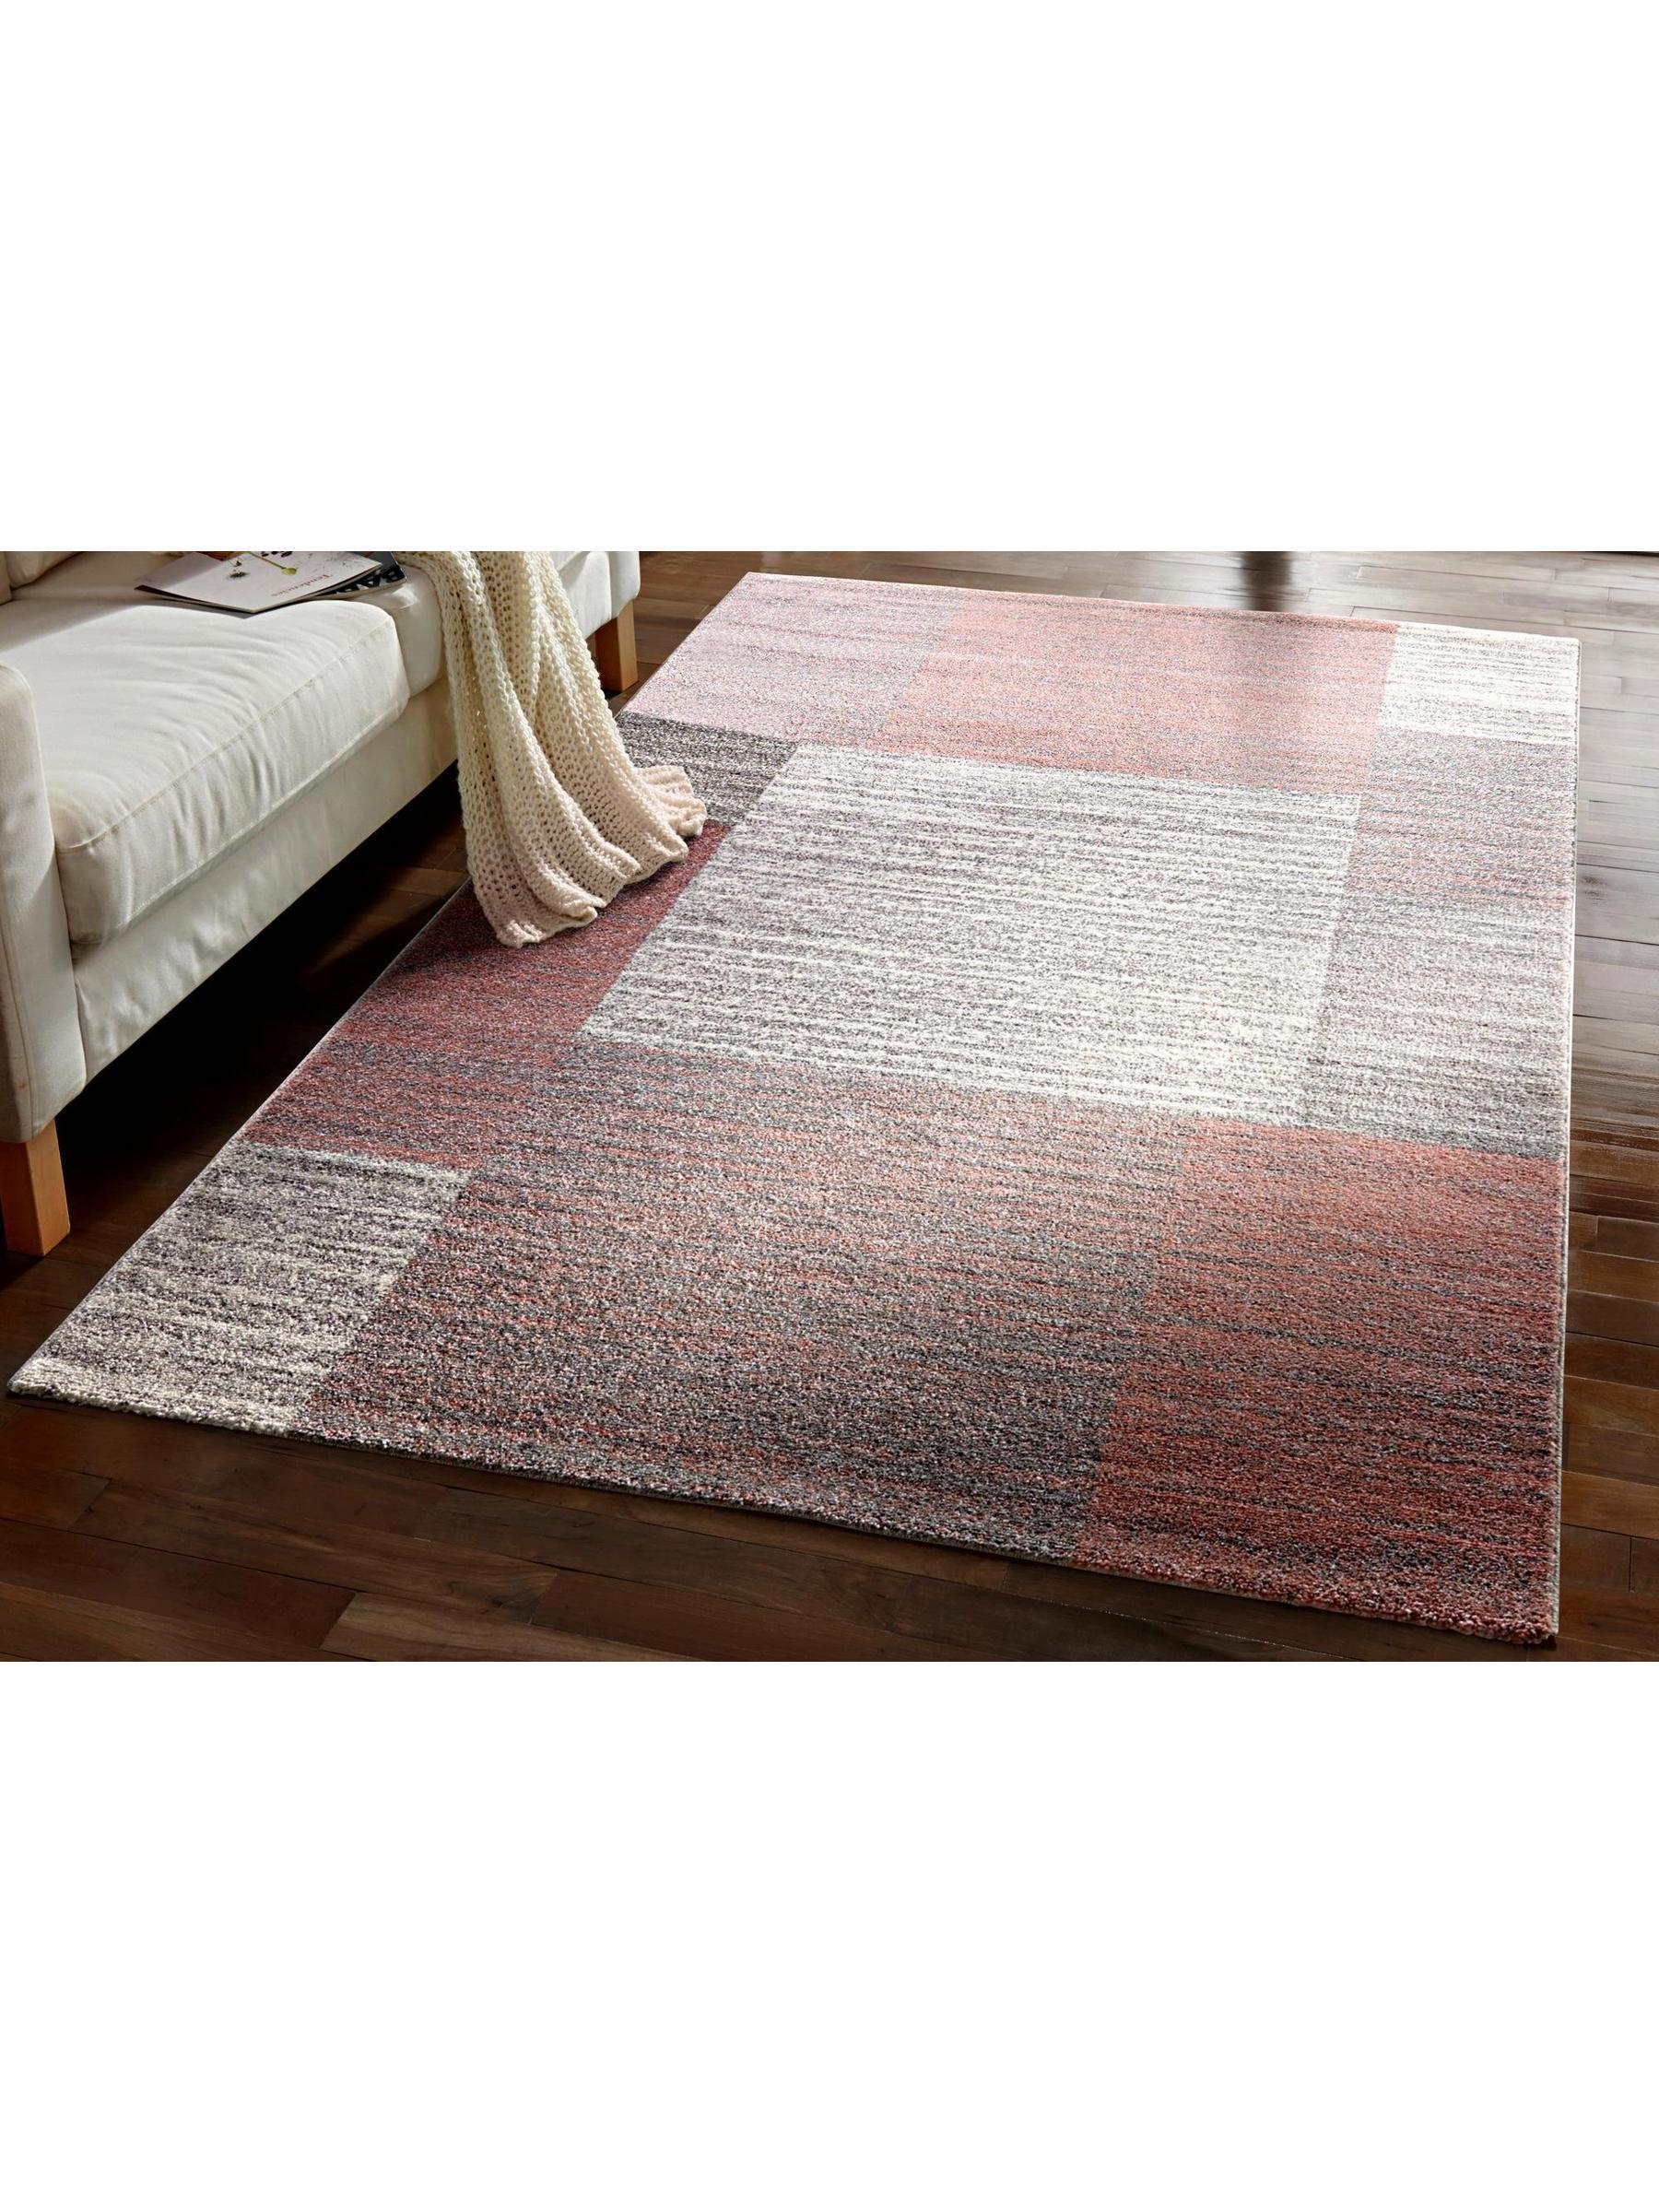 Teppich in Pastellfarben 120x170cm